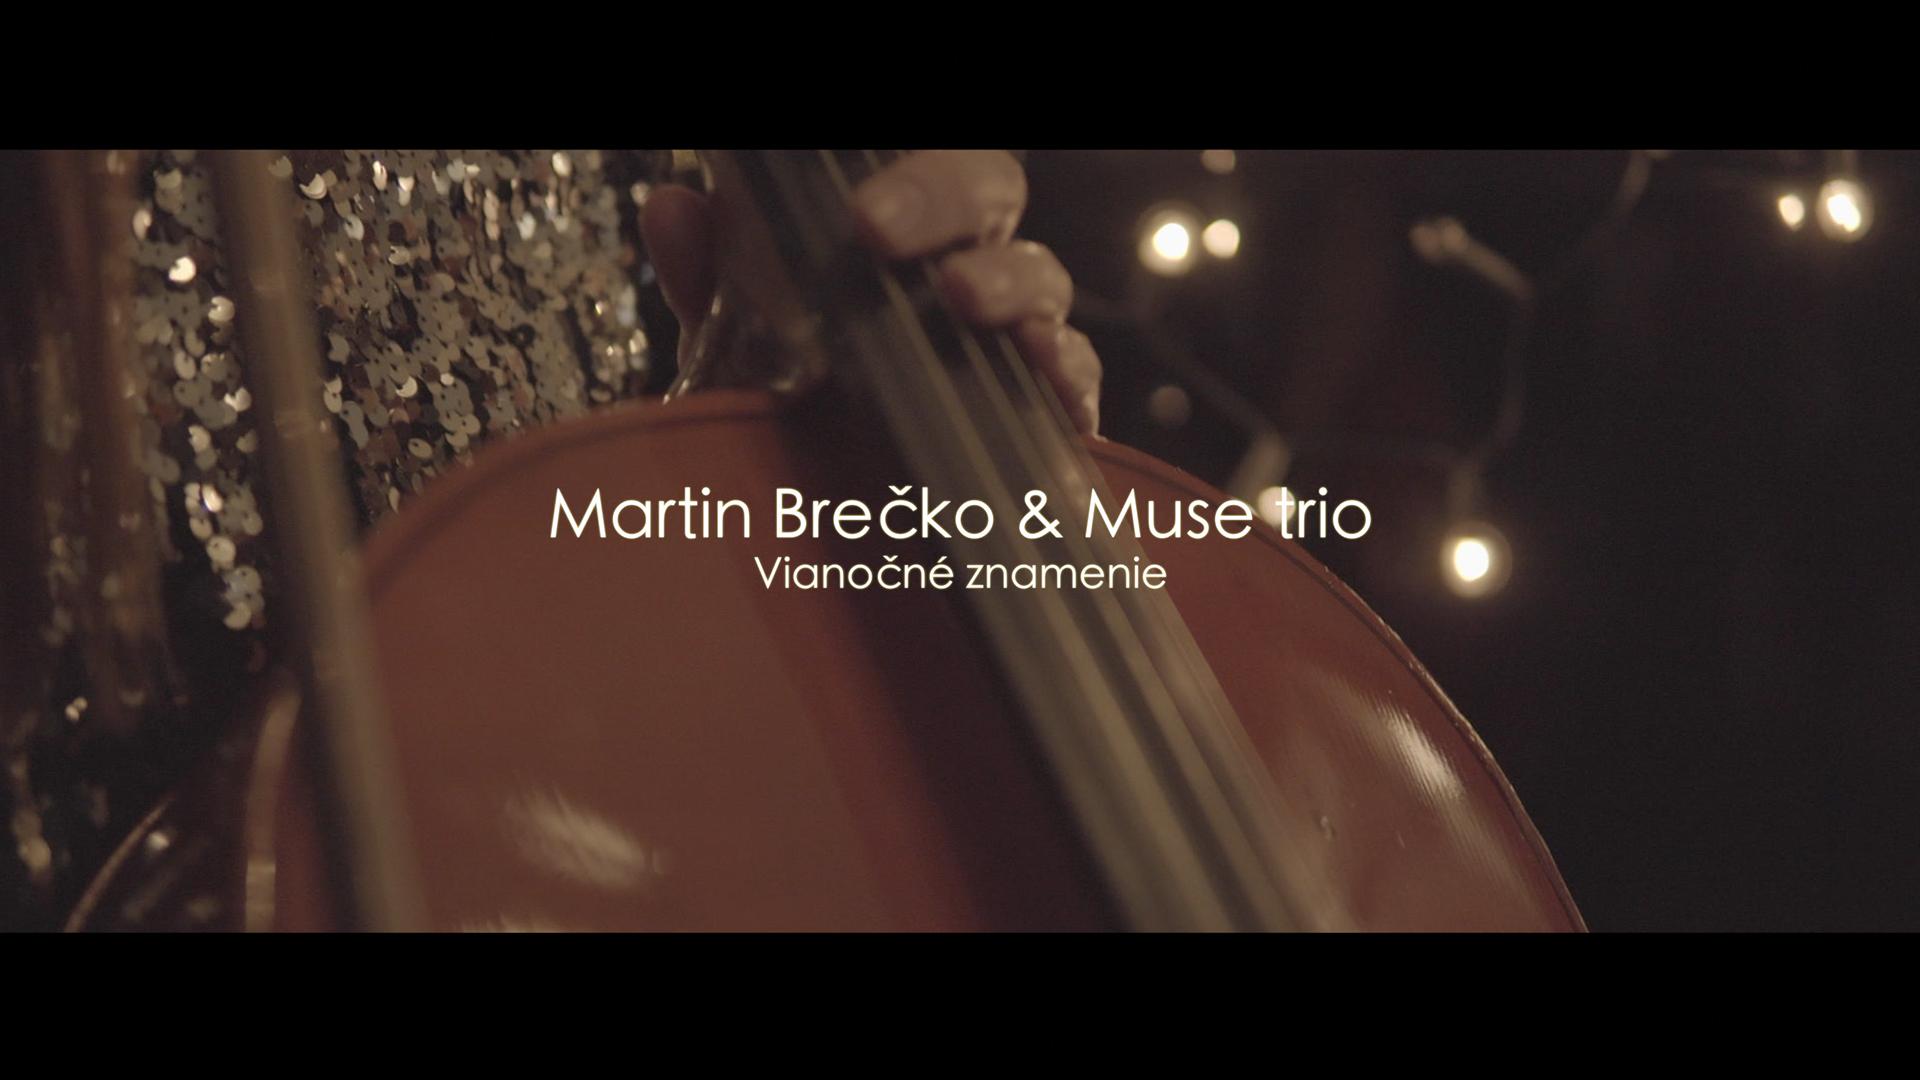 Martin Brečko & Muse trio – Vianočné znamenie (Official video)